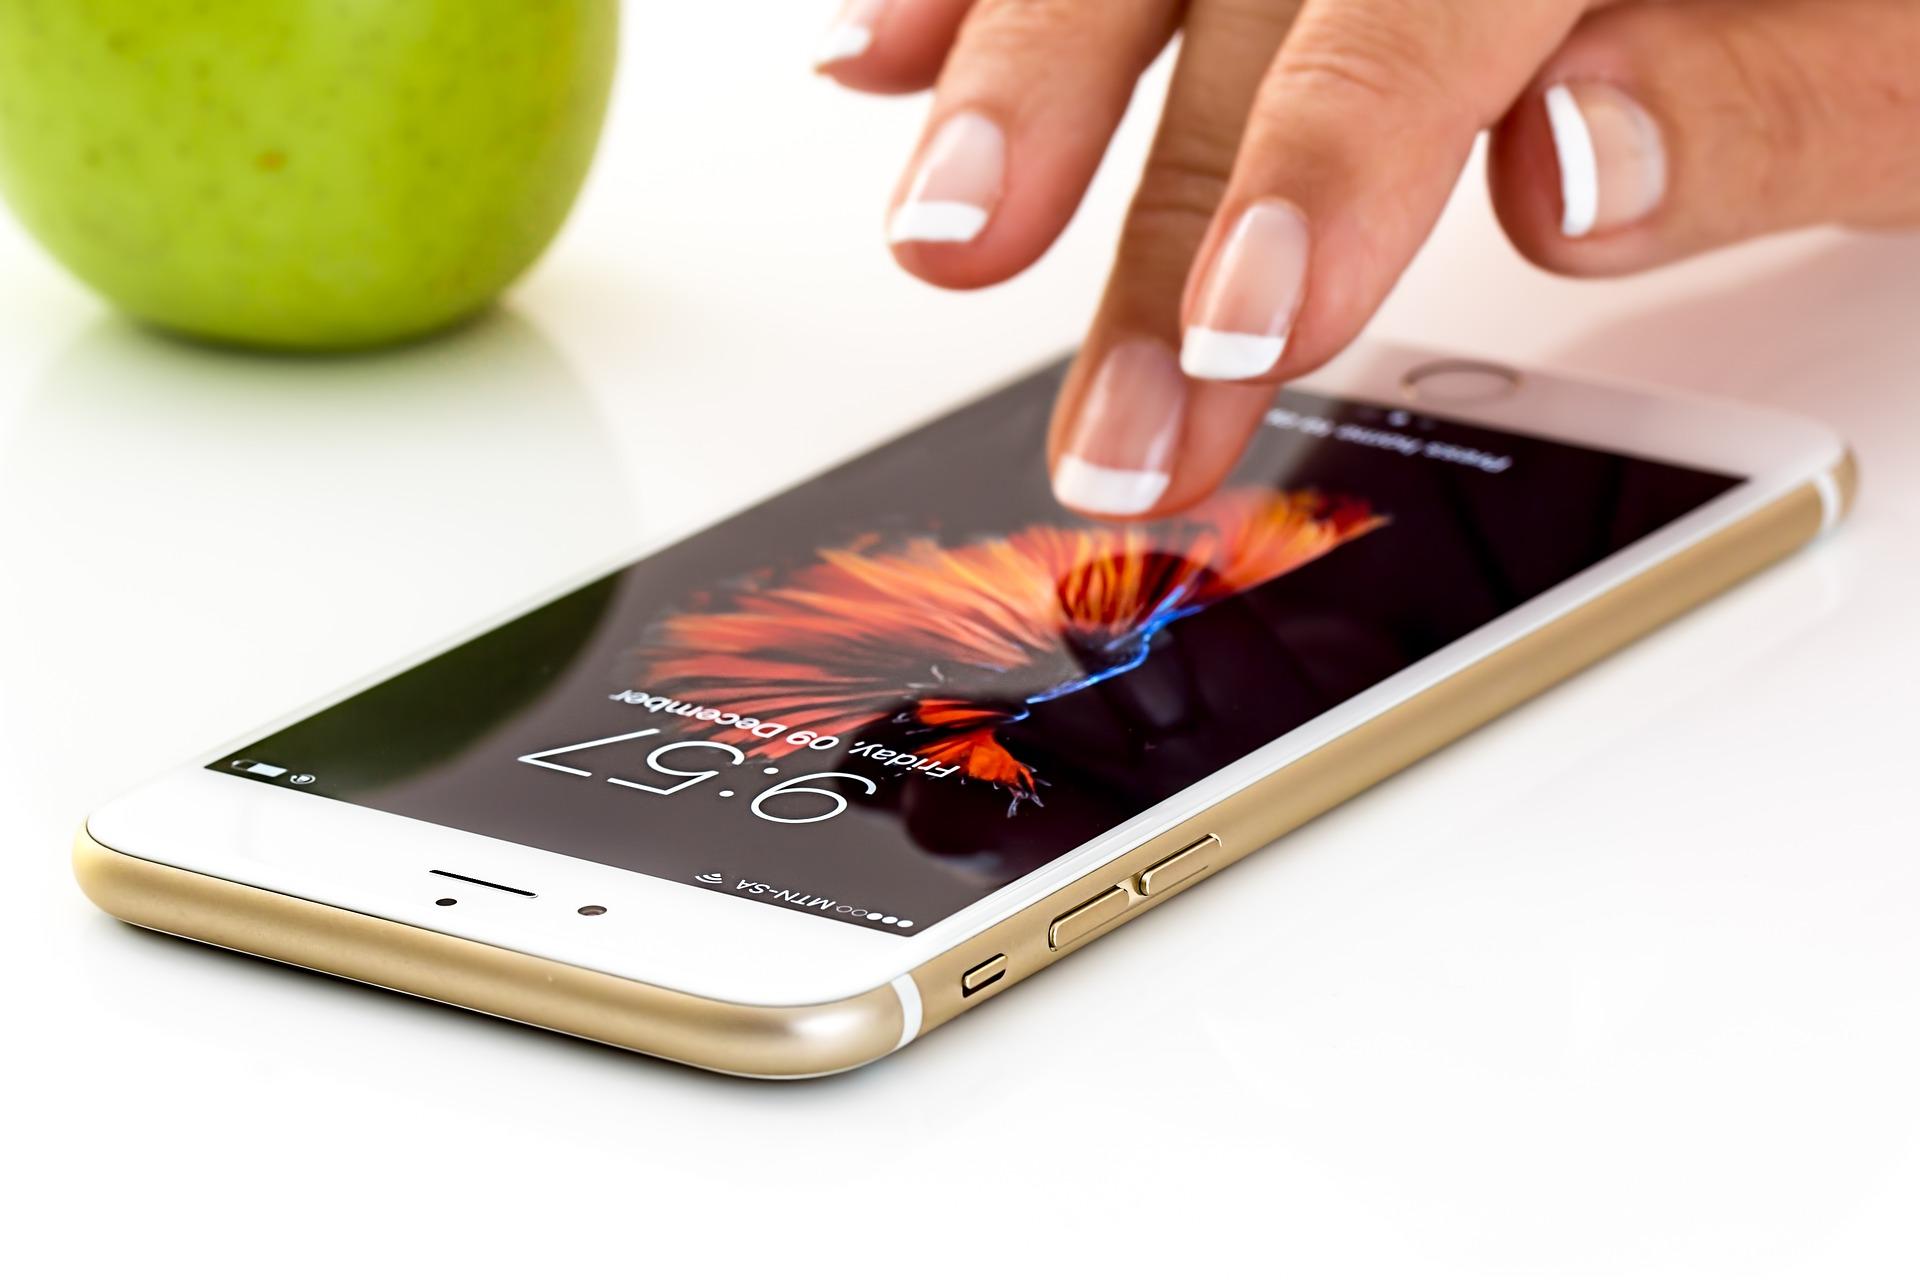 ソフトバンクからドコモへ乗り換え|MNPで最新iPhoneをお得に購入する方法